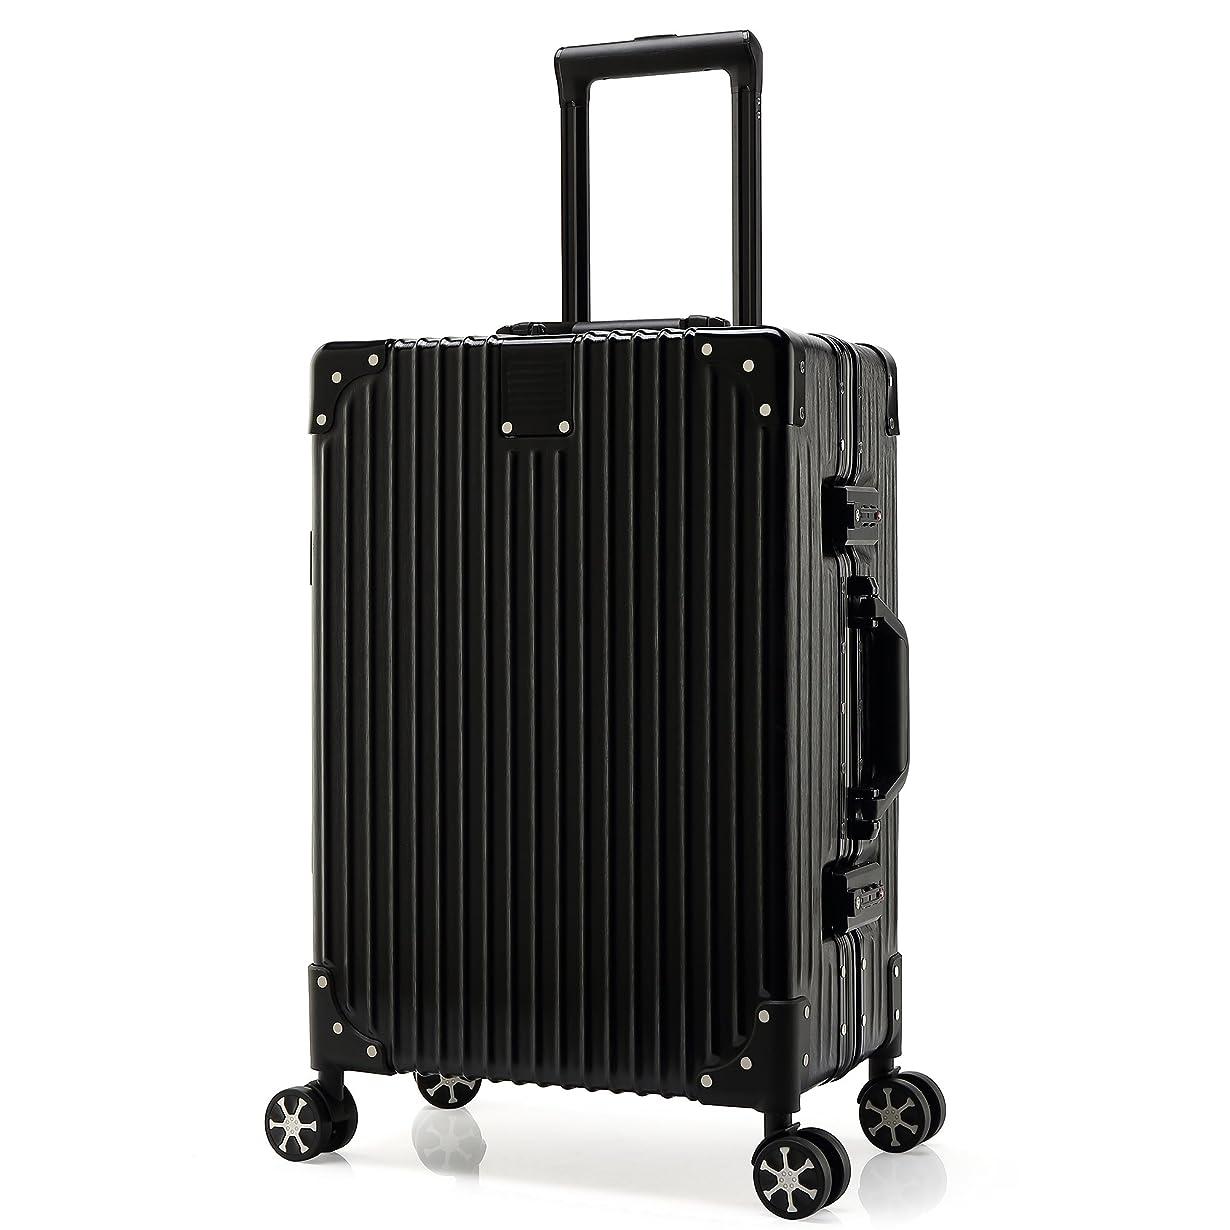 終了する偶然のハンドブックKroeus(クロース)スーツケース 人気 軽量 4輪ダブルキャスター 静音 キャリーケース 大容量 旅行 出張 TSAロック搭載 調節可能キャリーバー ヘアライン仕上げ 傷に強い 取扱説明書付